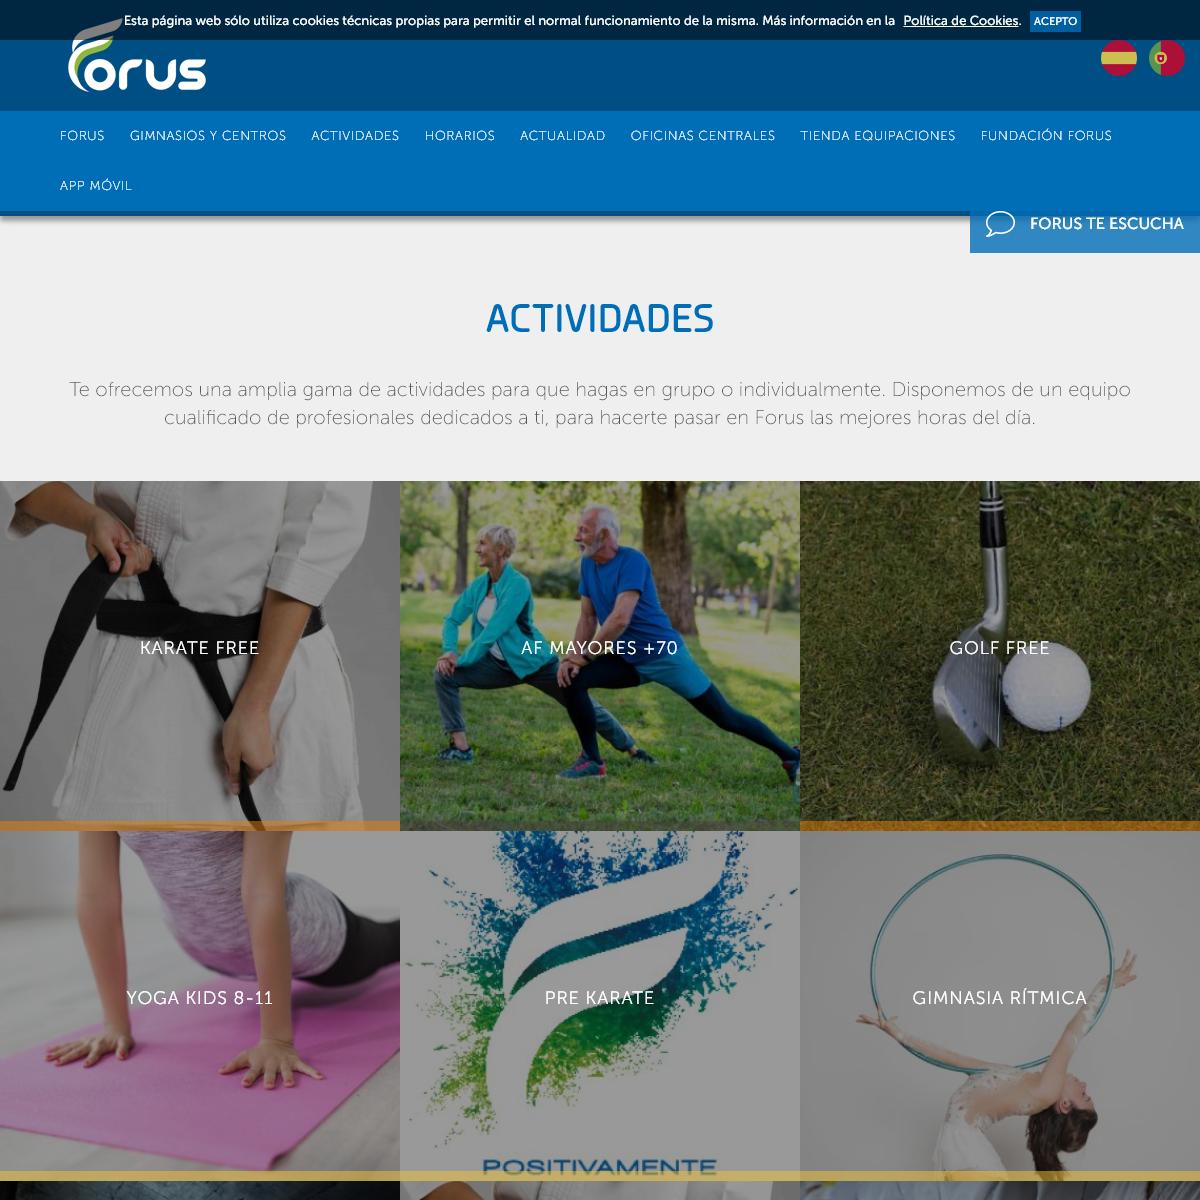 Gimnasios Forus- conoce nuestros centros, actividades y horarios - Forus